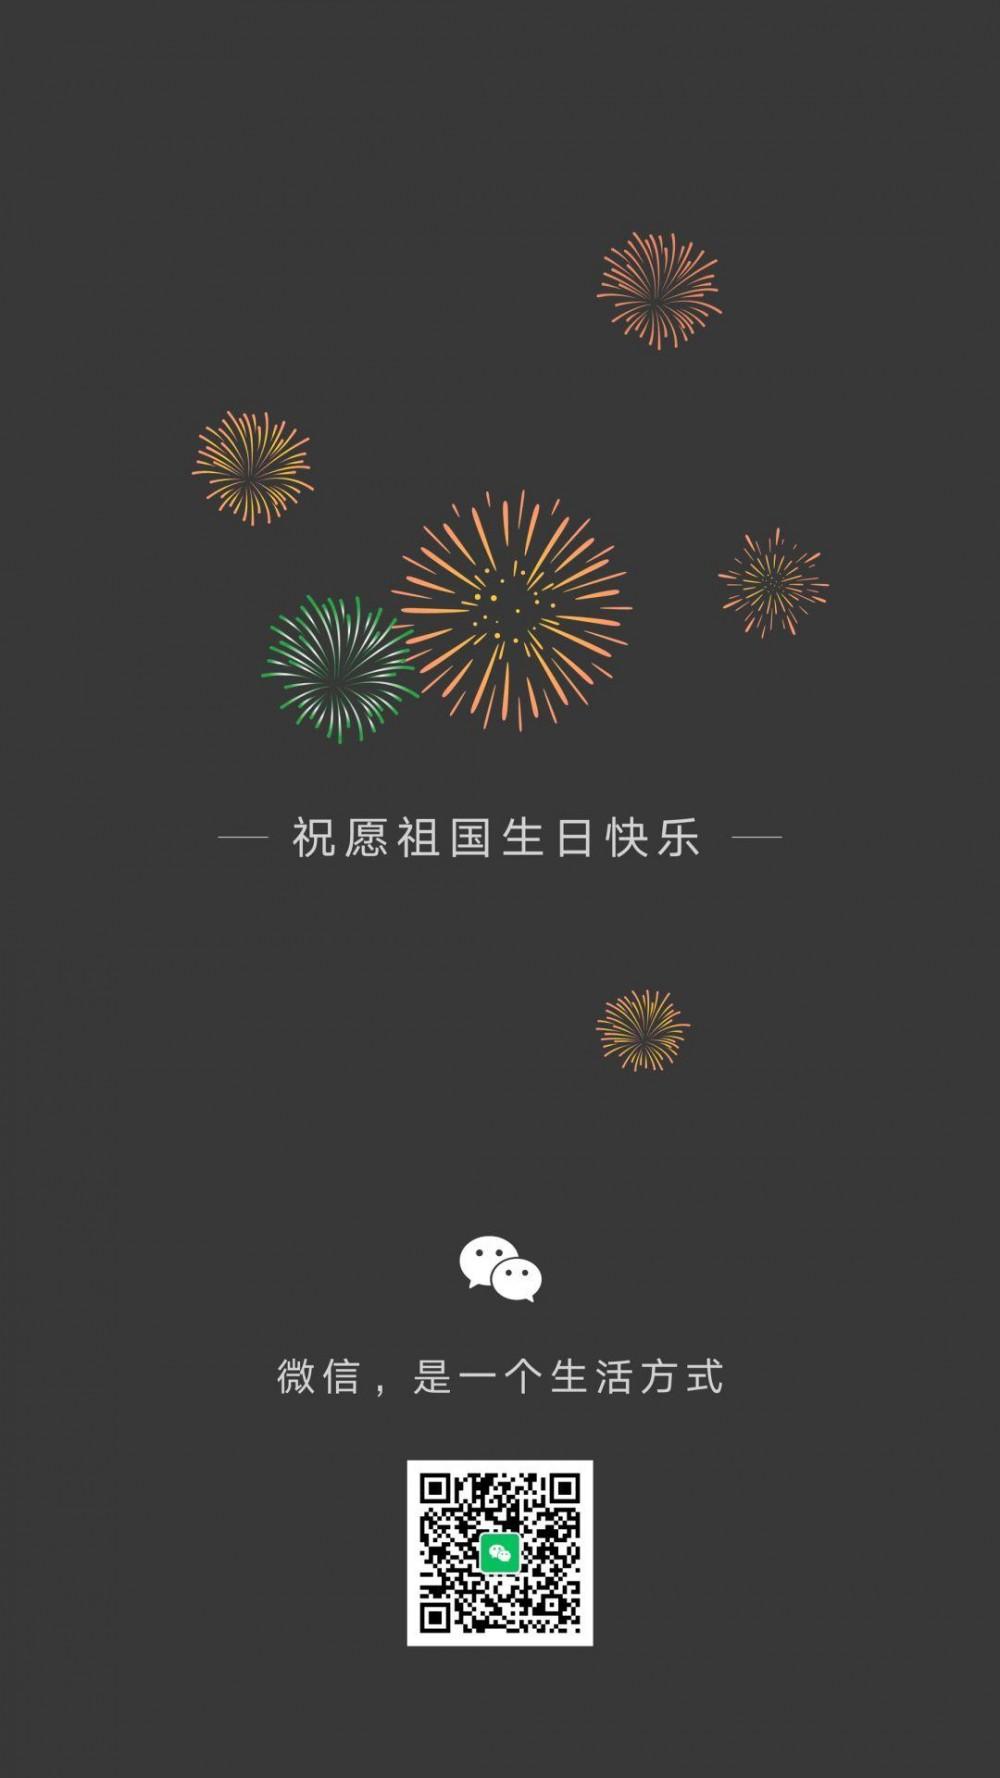 微信国庆数据:这一届群众更宅了!3480万人国庆假期行不足百步